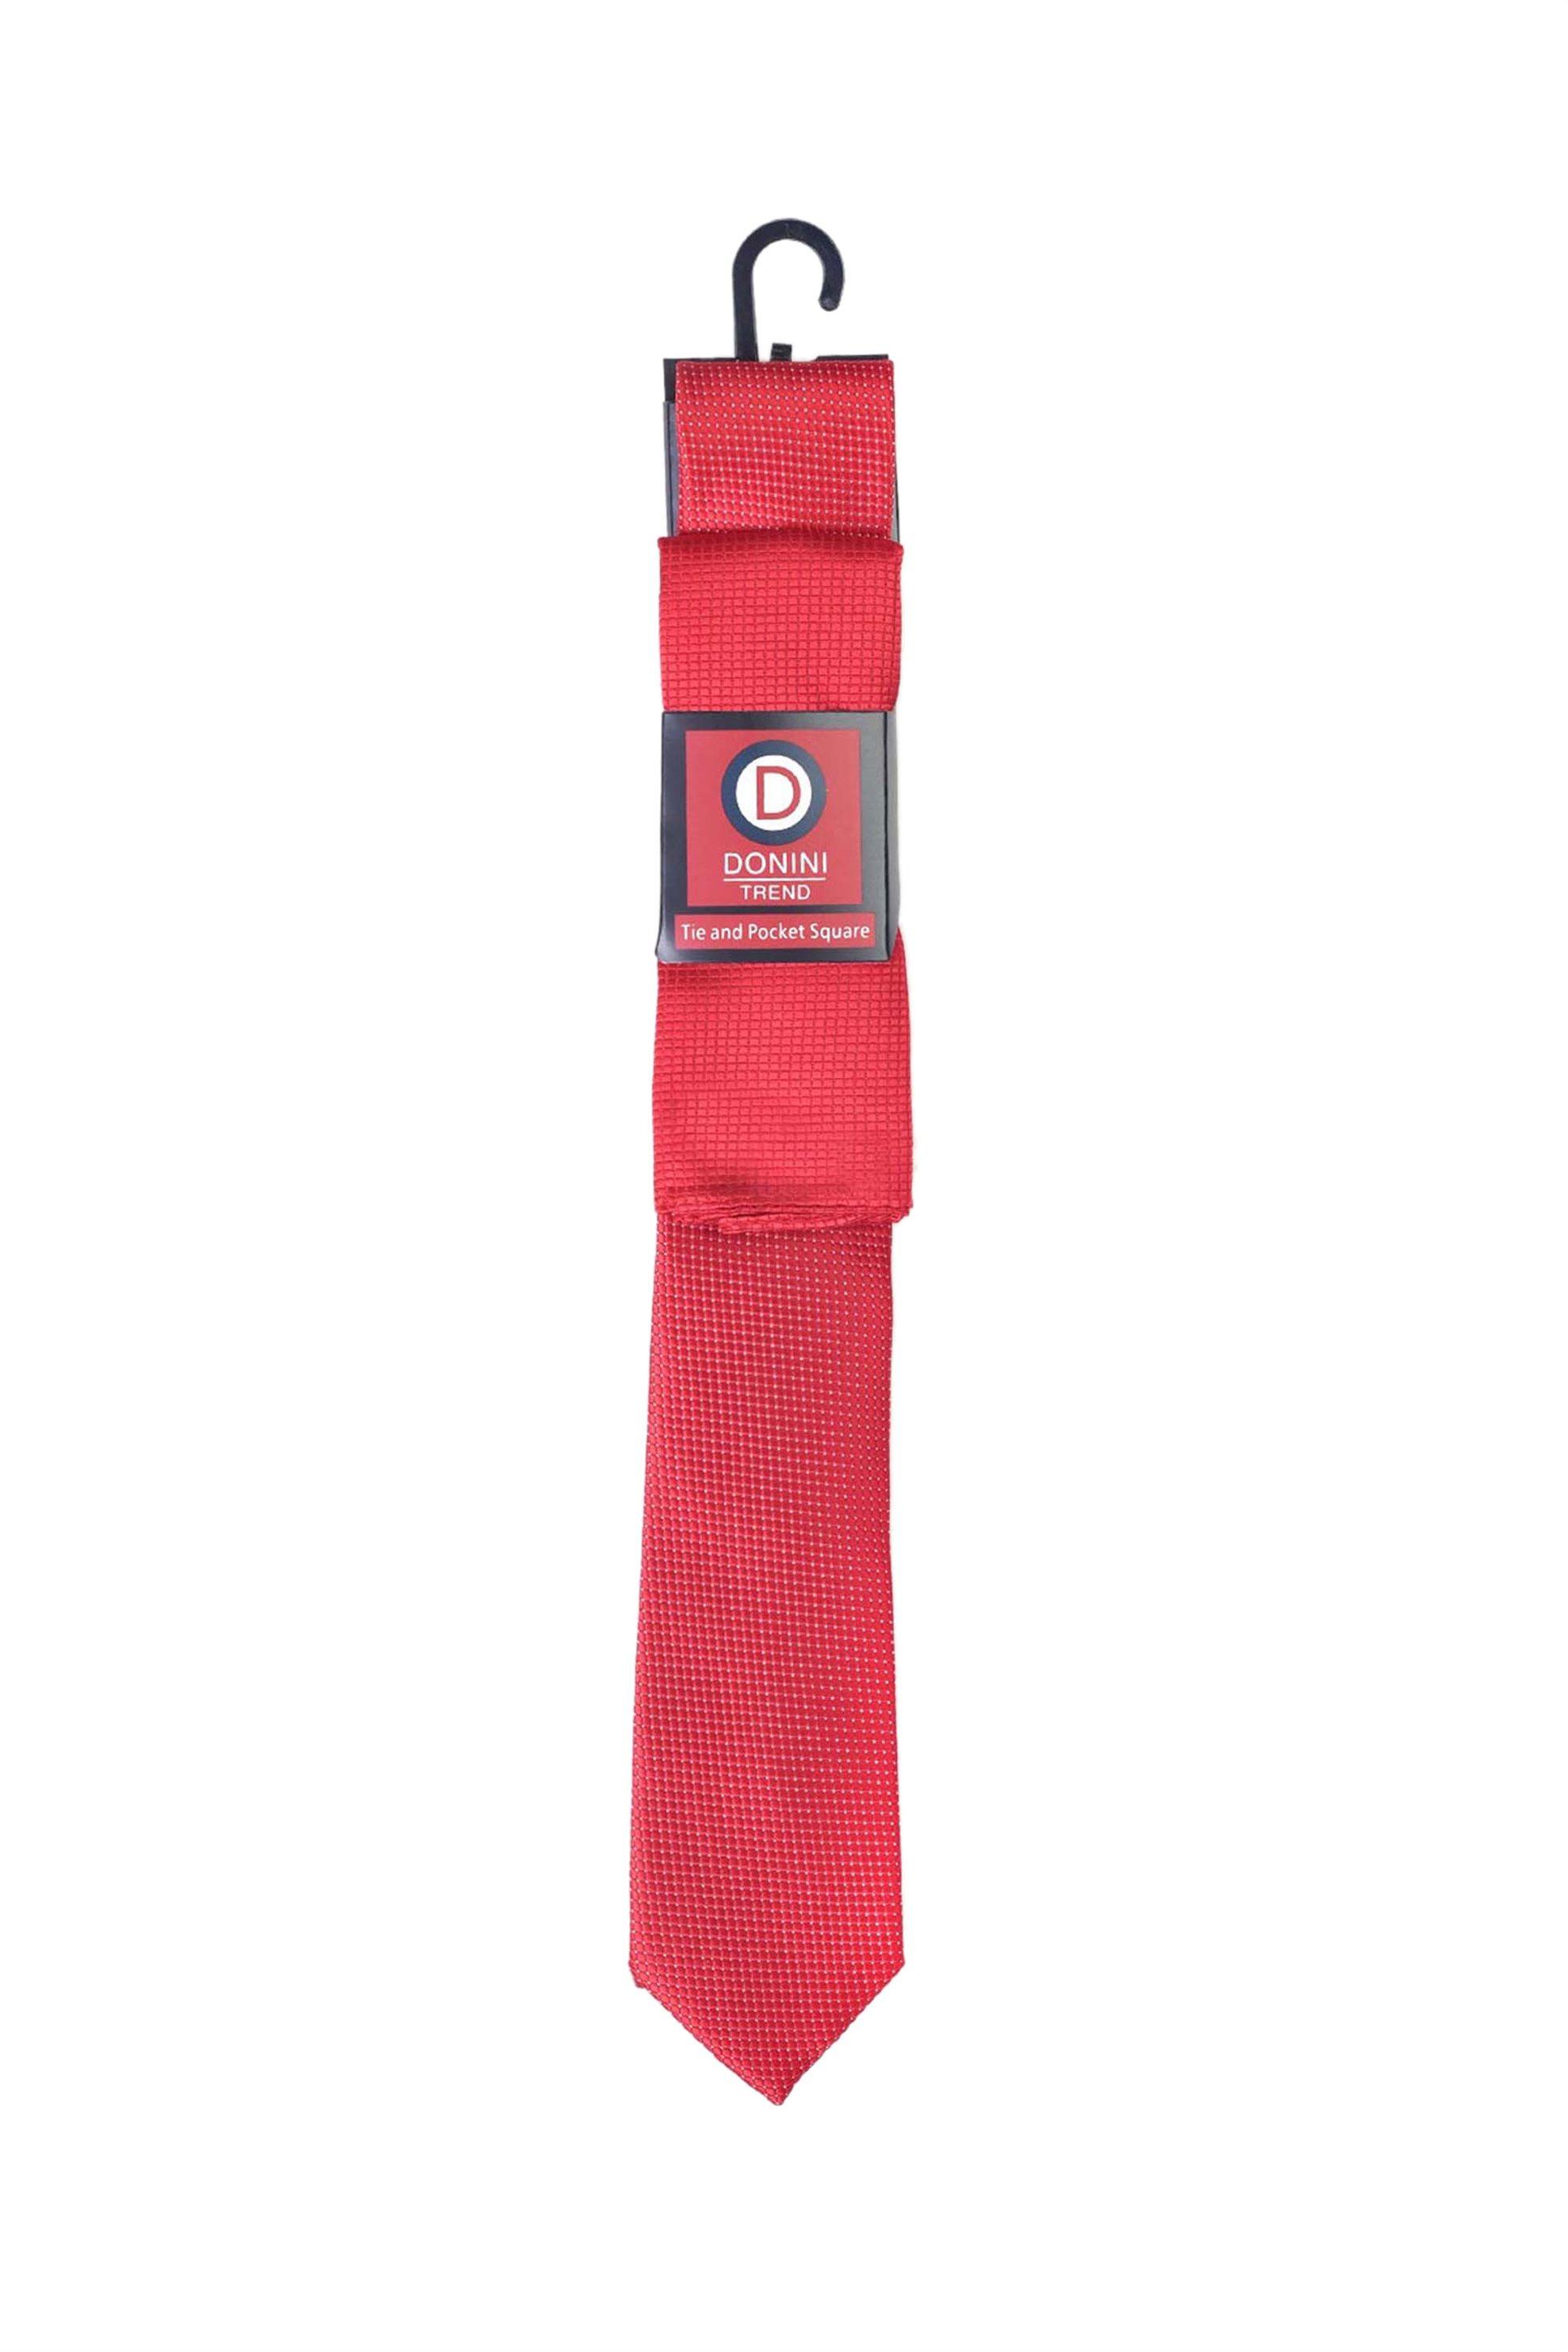 Vardas ανδρικό σετ γραβάτα και μαντηλάκι - 2062000404301 - Κόκκινο